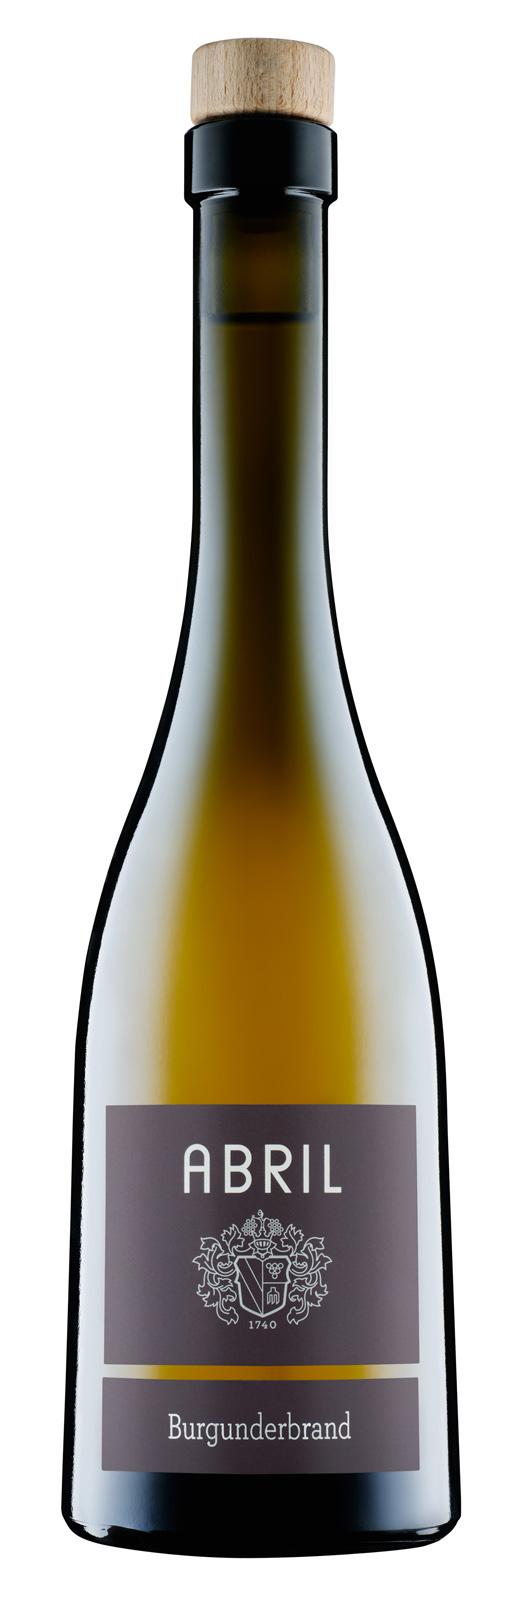 Burgunder-Brand 40%  2015